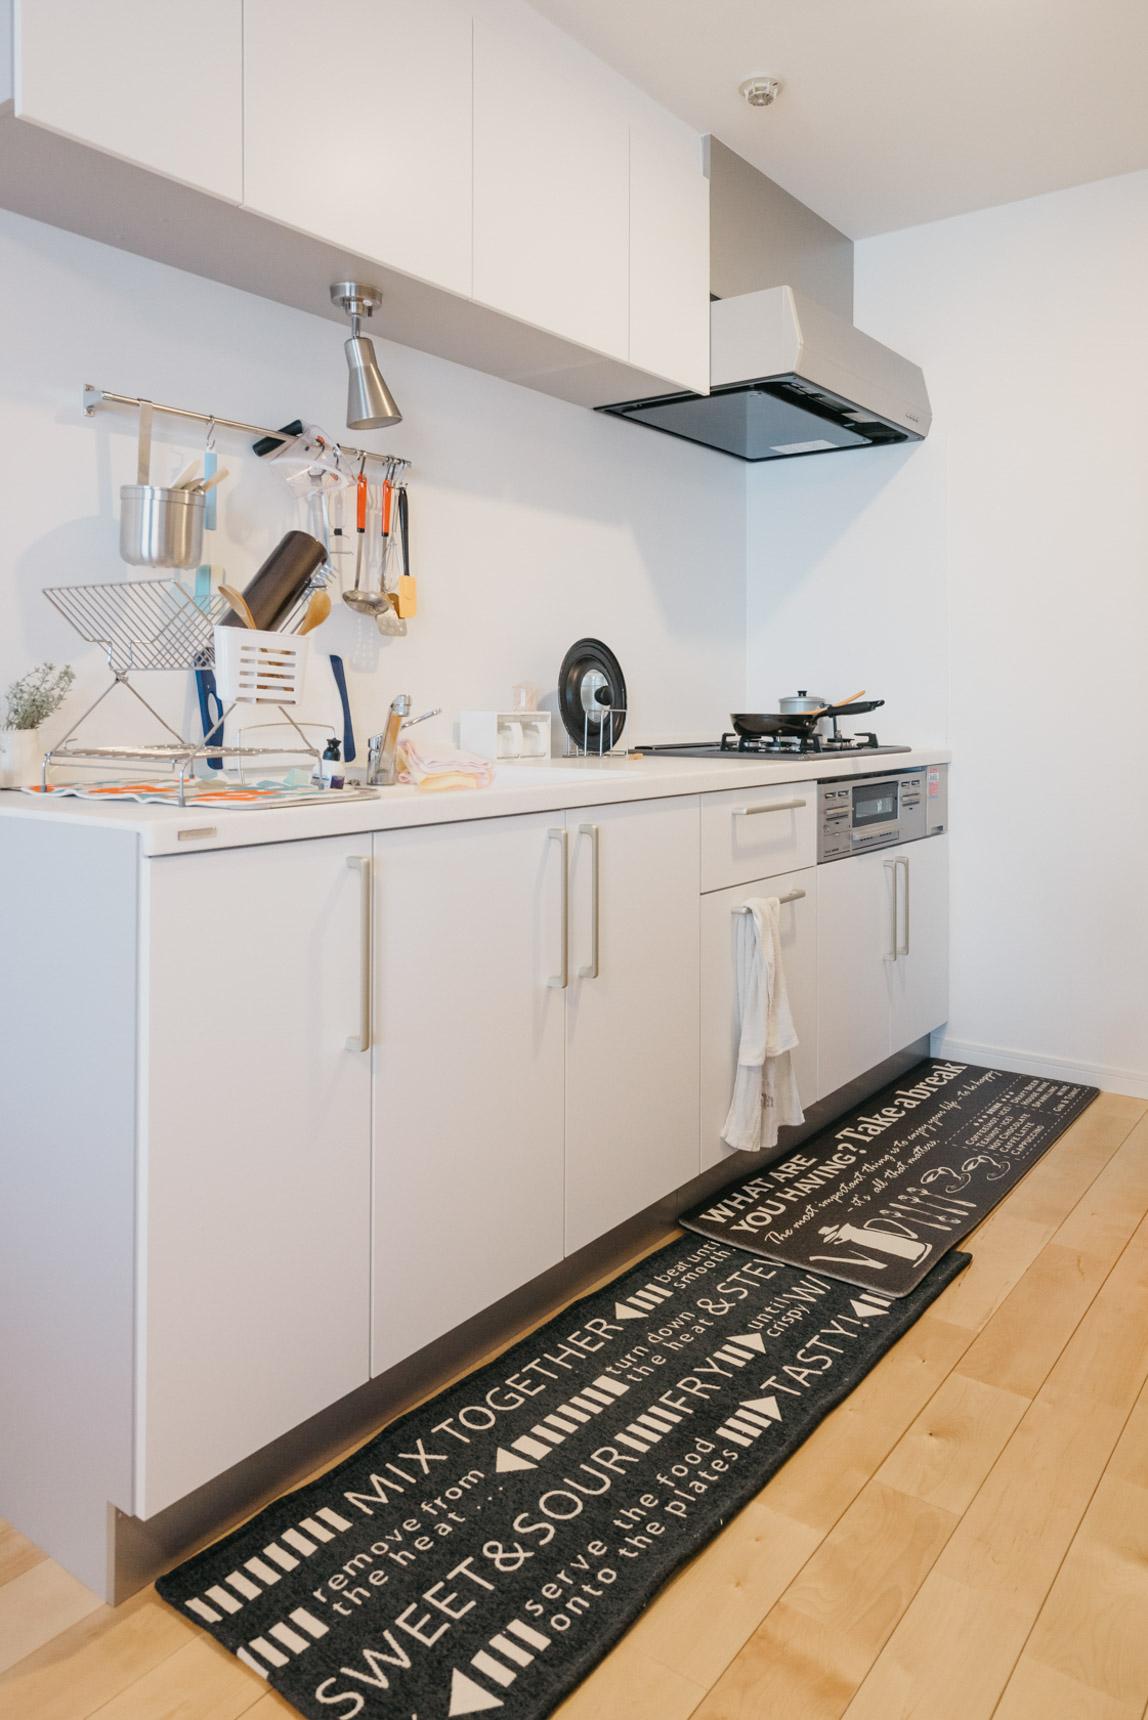 ガス3口にグリルつき、広いシンクと機能性も十分の新しいキッチンを設置。「リノベーション前はキッチンが窮屈な感じだったので、広く使えるようになり、よかったです」と佳輝さん。